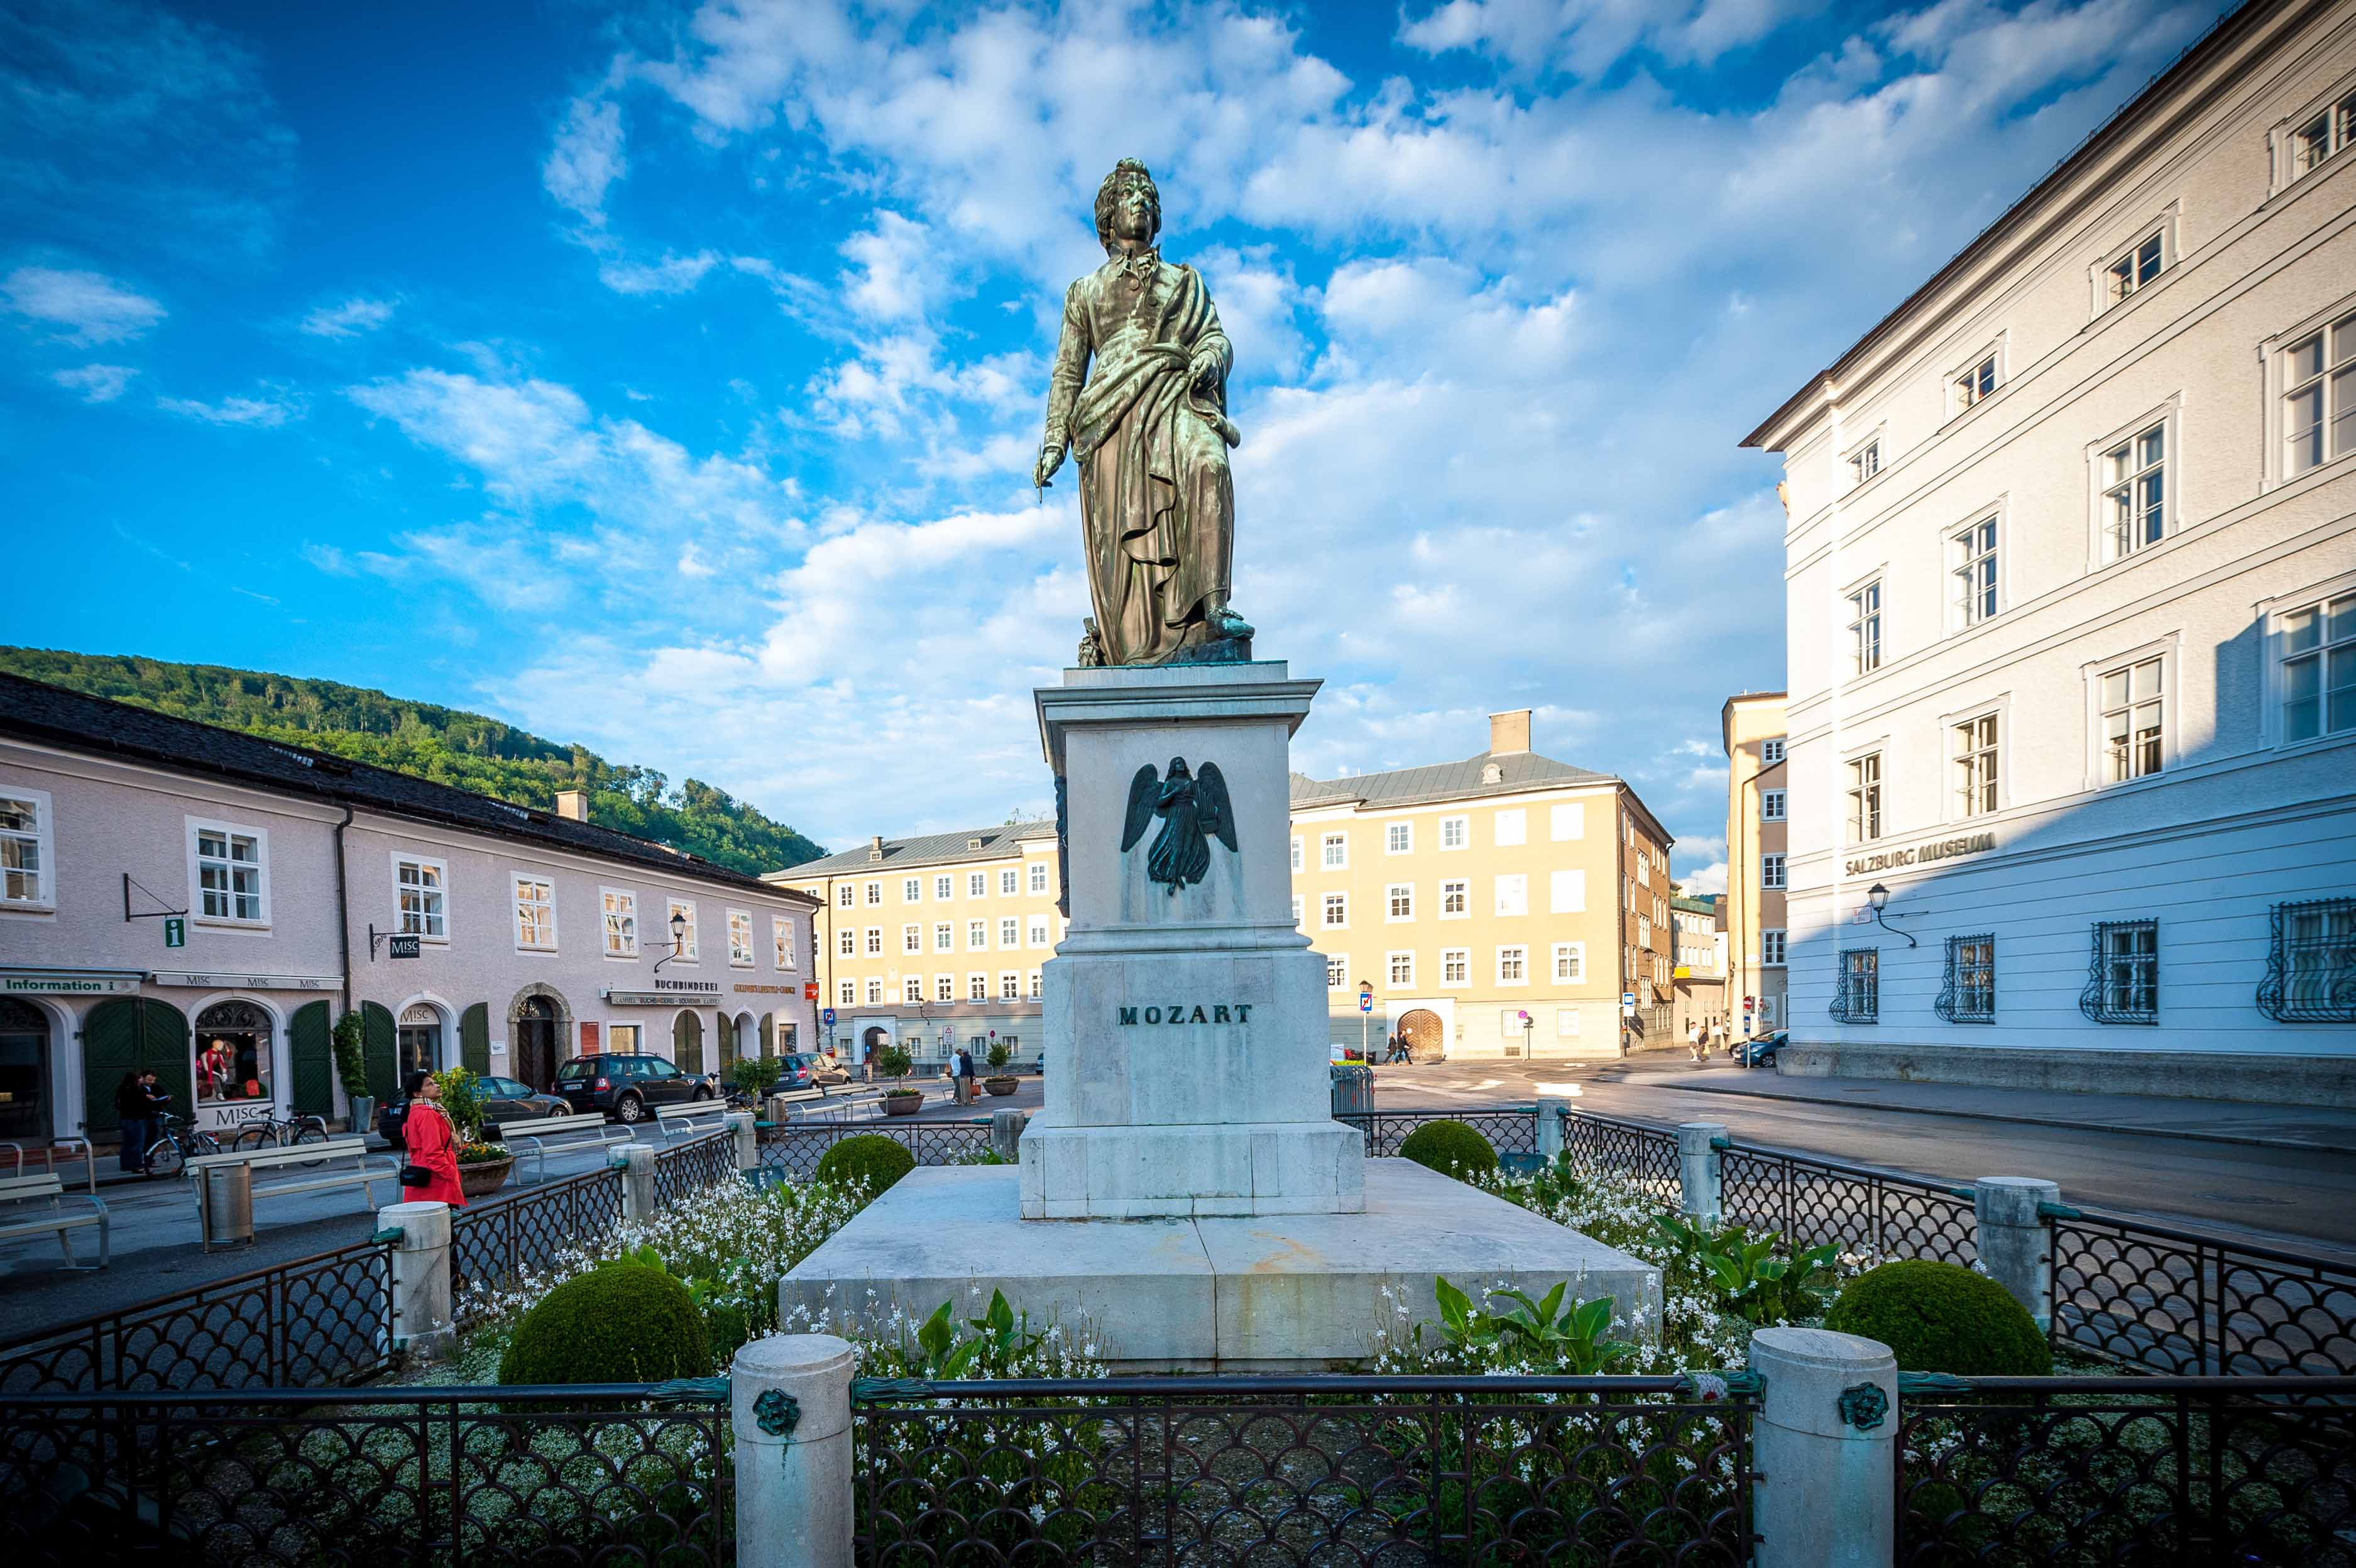 Piazza Mozart-Appuntamenti musicali a Salisburgo